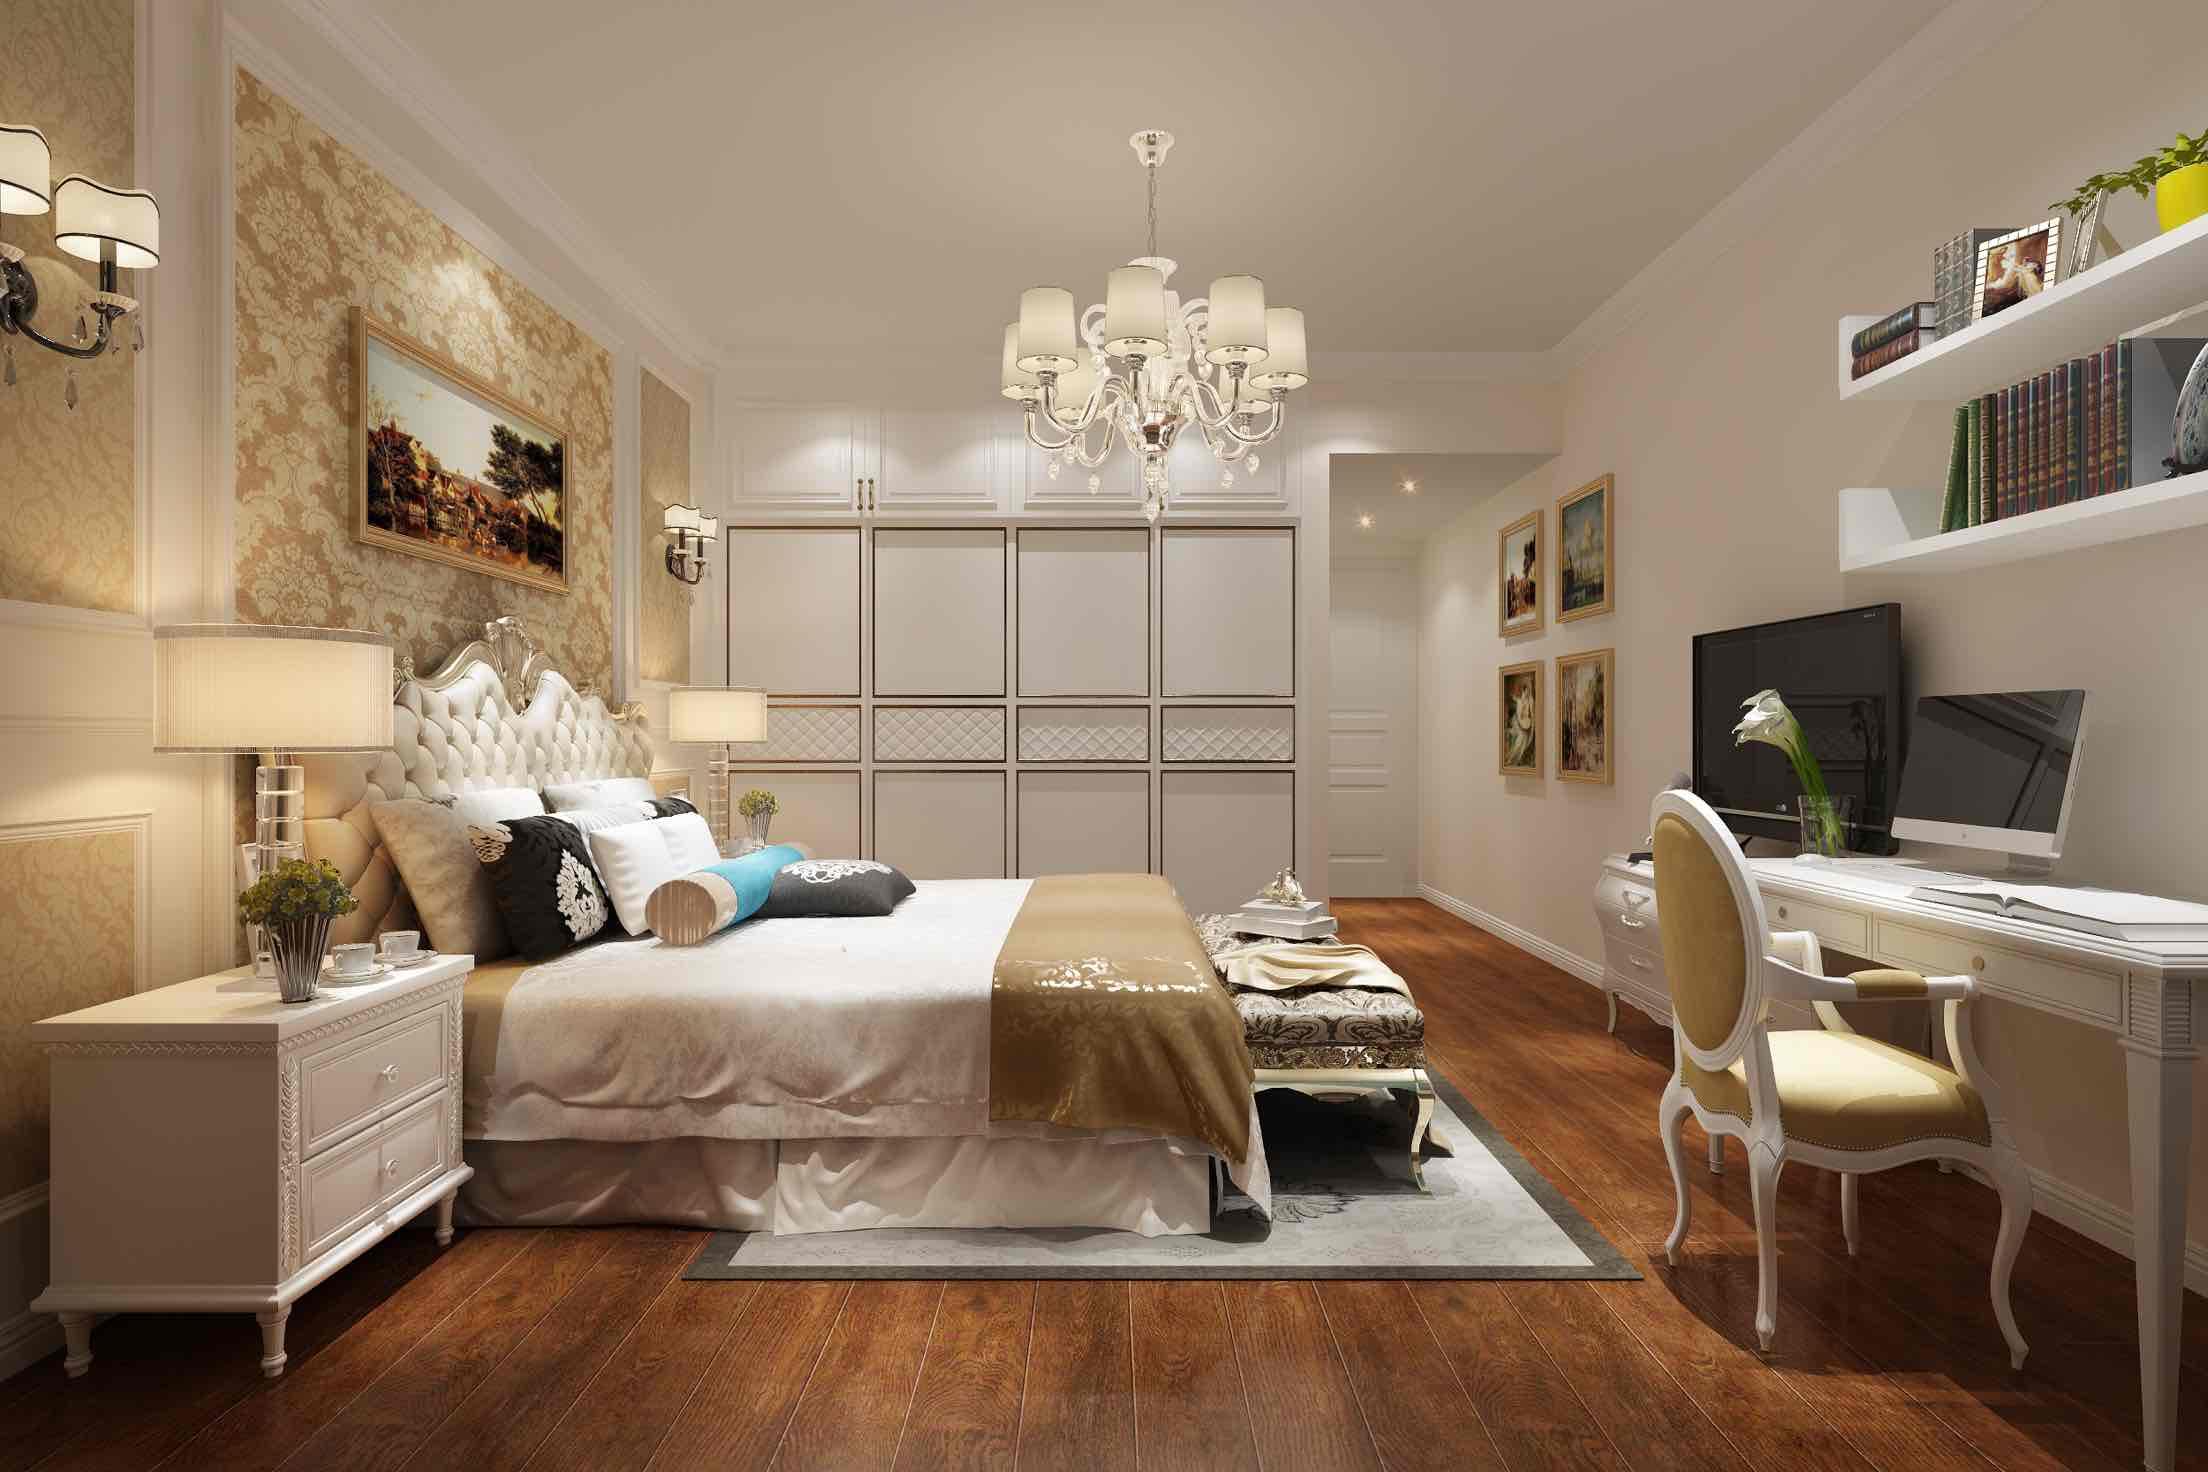 中大青山湖东园四房两厅160平简欧家装效果图